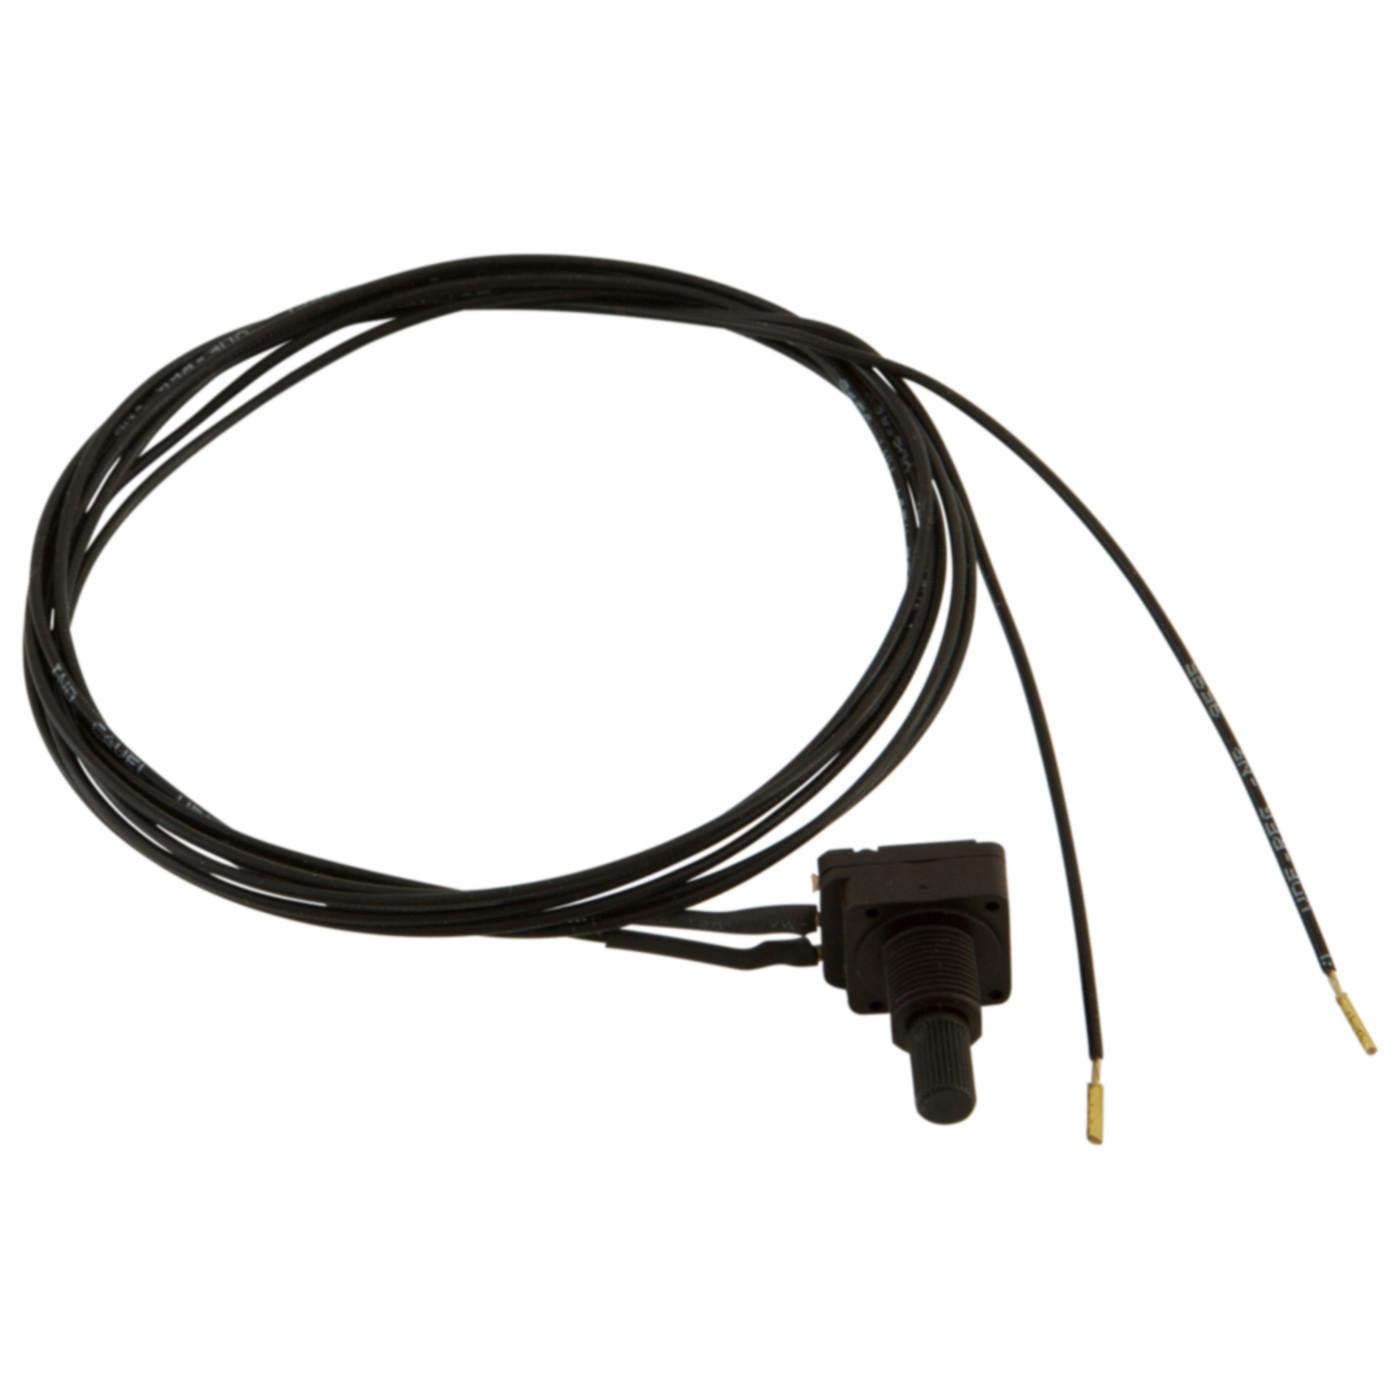 Estiluz spare part potentiometer for P1127/P1171/P1173/P1250/P7040/P7050/P9005/P1235